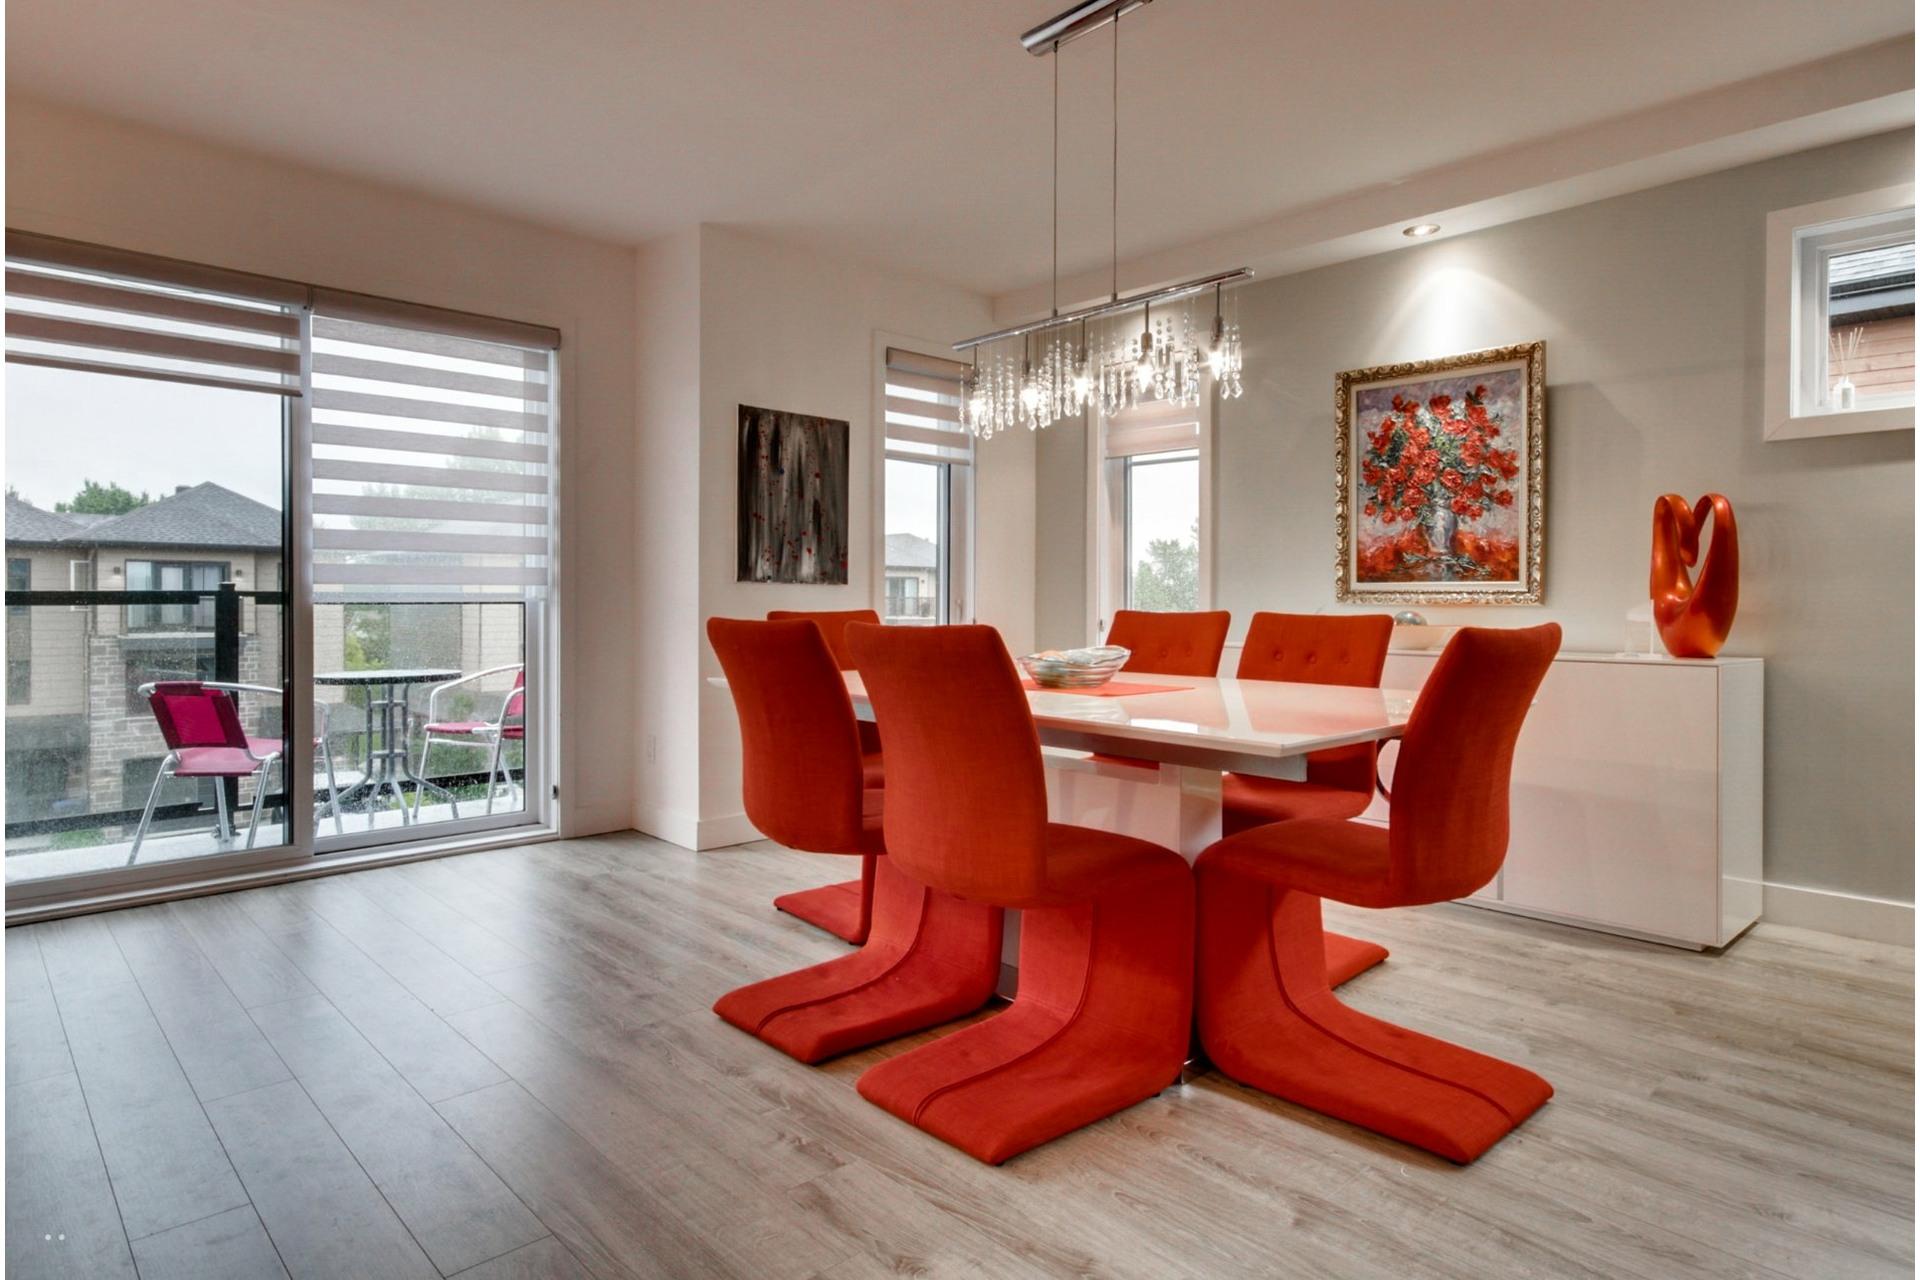 image 24 - Appartement À vendre Trois-Rivières - 7 pièces